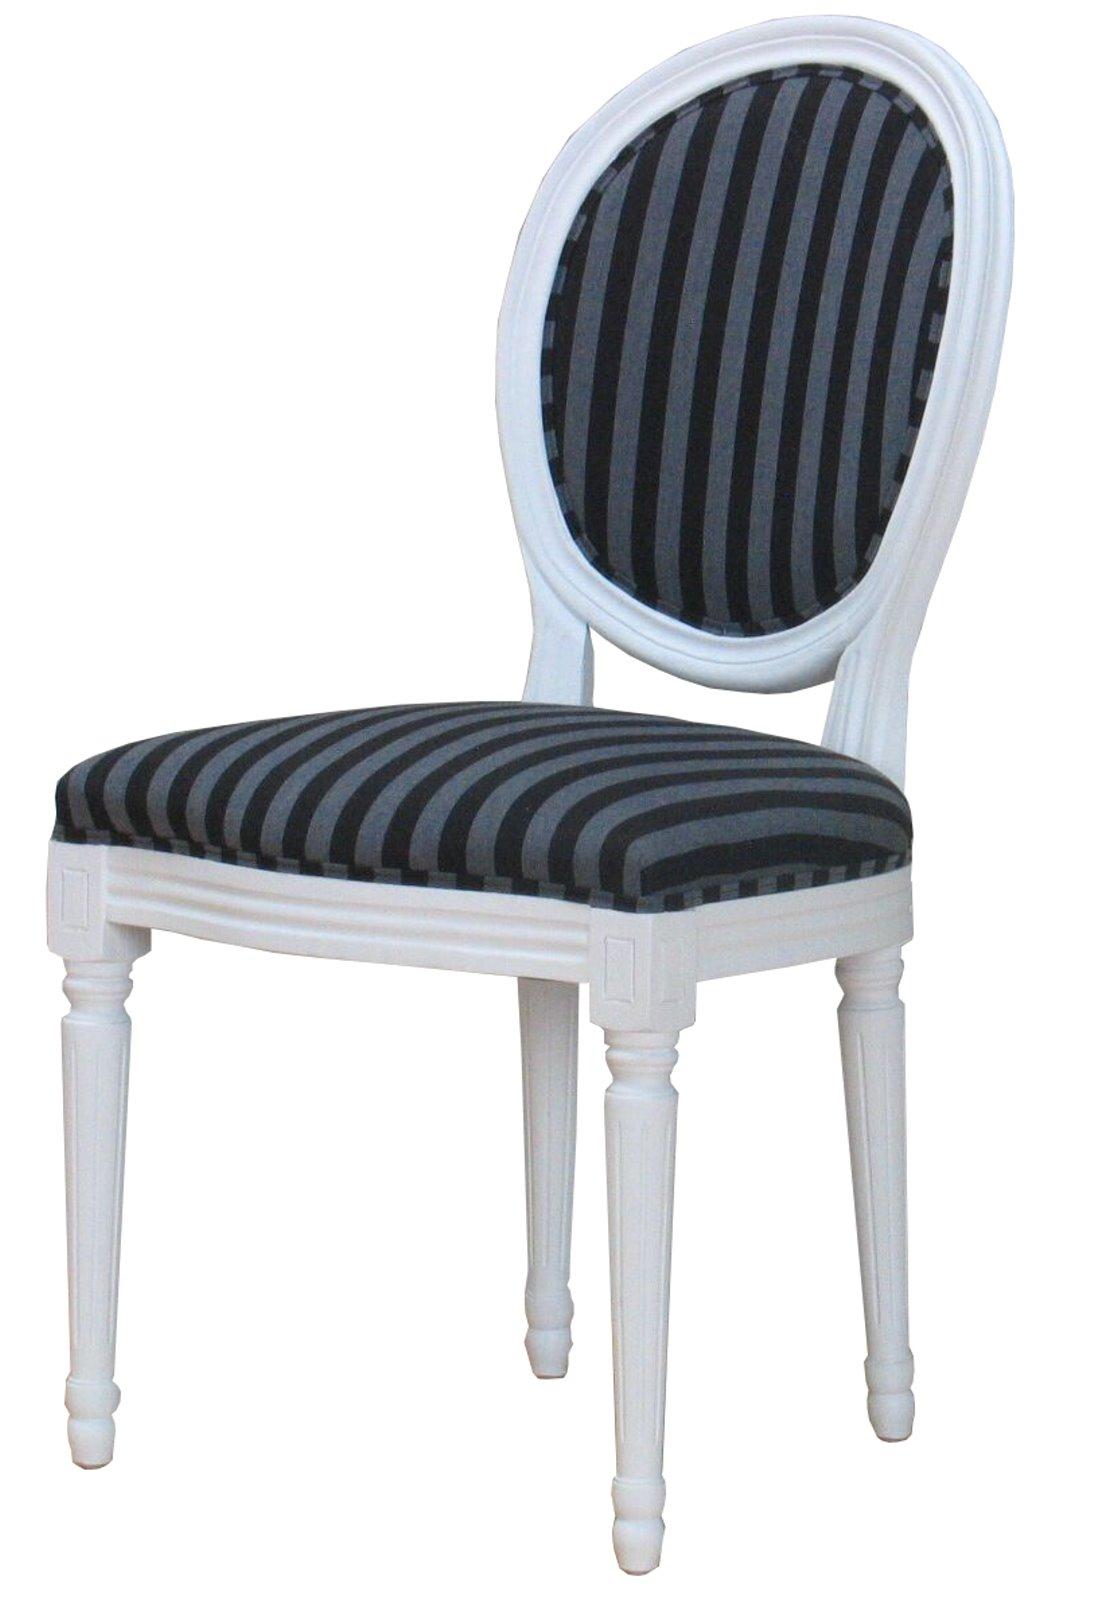 2 x esszimmerstuhl barock stuhl sitz ess gruppe sitzm bel. Black Bedroom Furniture Sets. Home Design Ideas